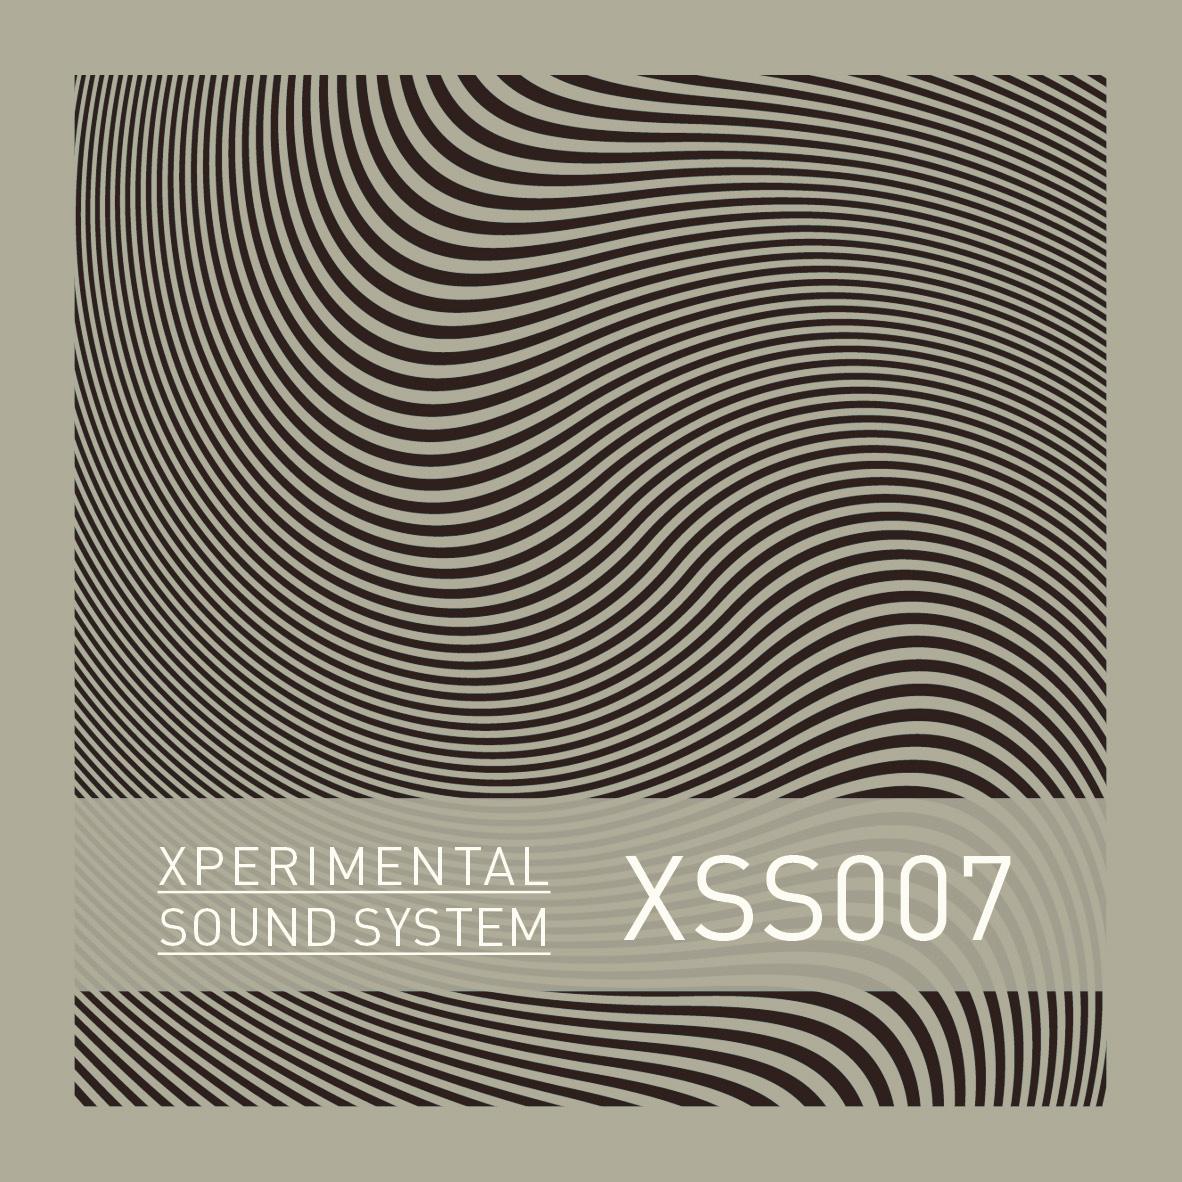 XSS007